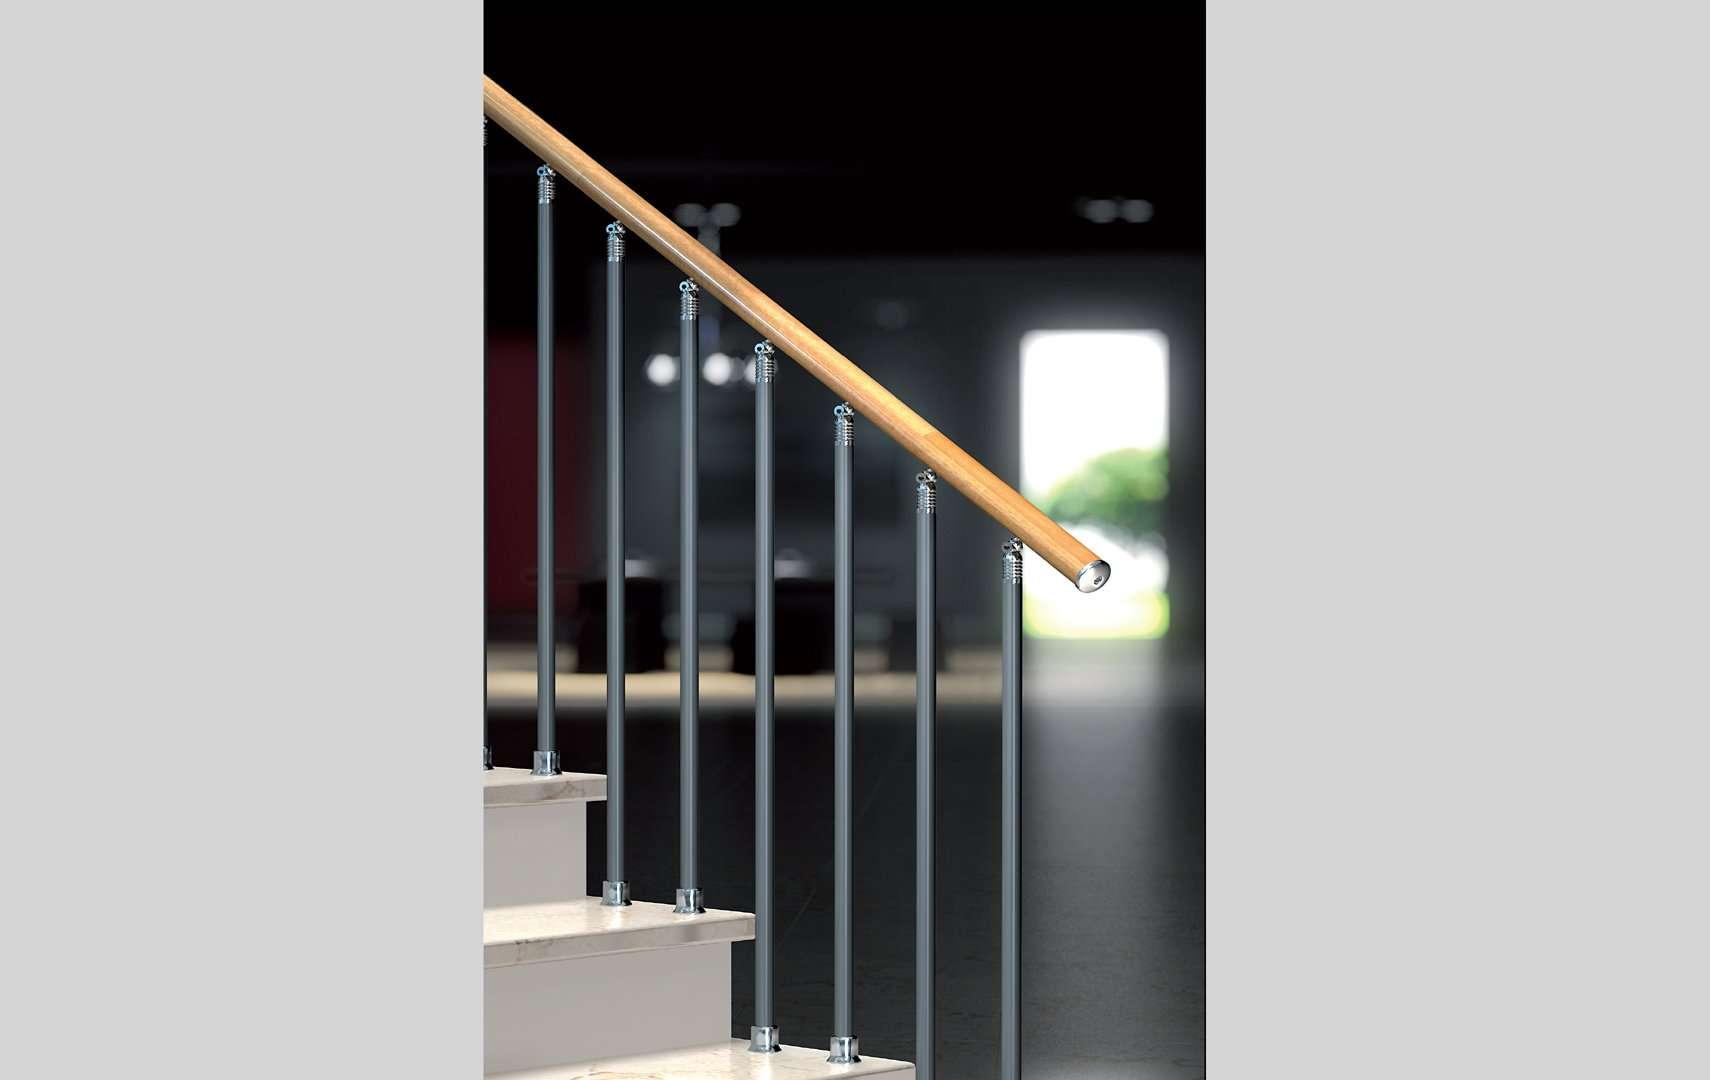 Cz ringhiere per scale interne le puoi trovare in legno e in vetro - Ringhiere in vetro per scale interne prezzi ...